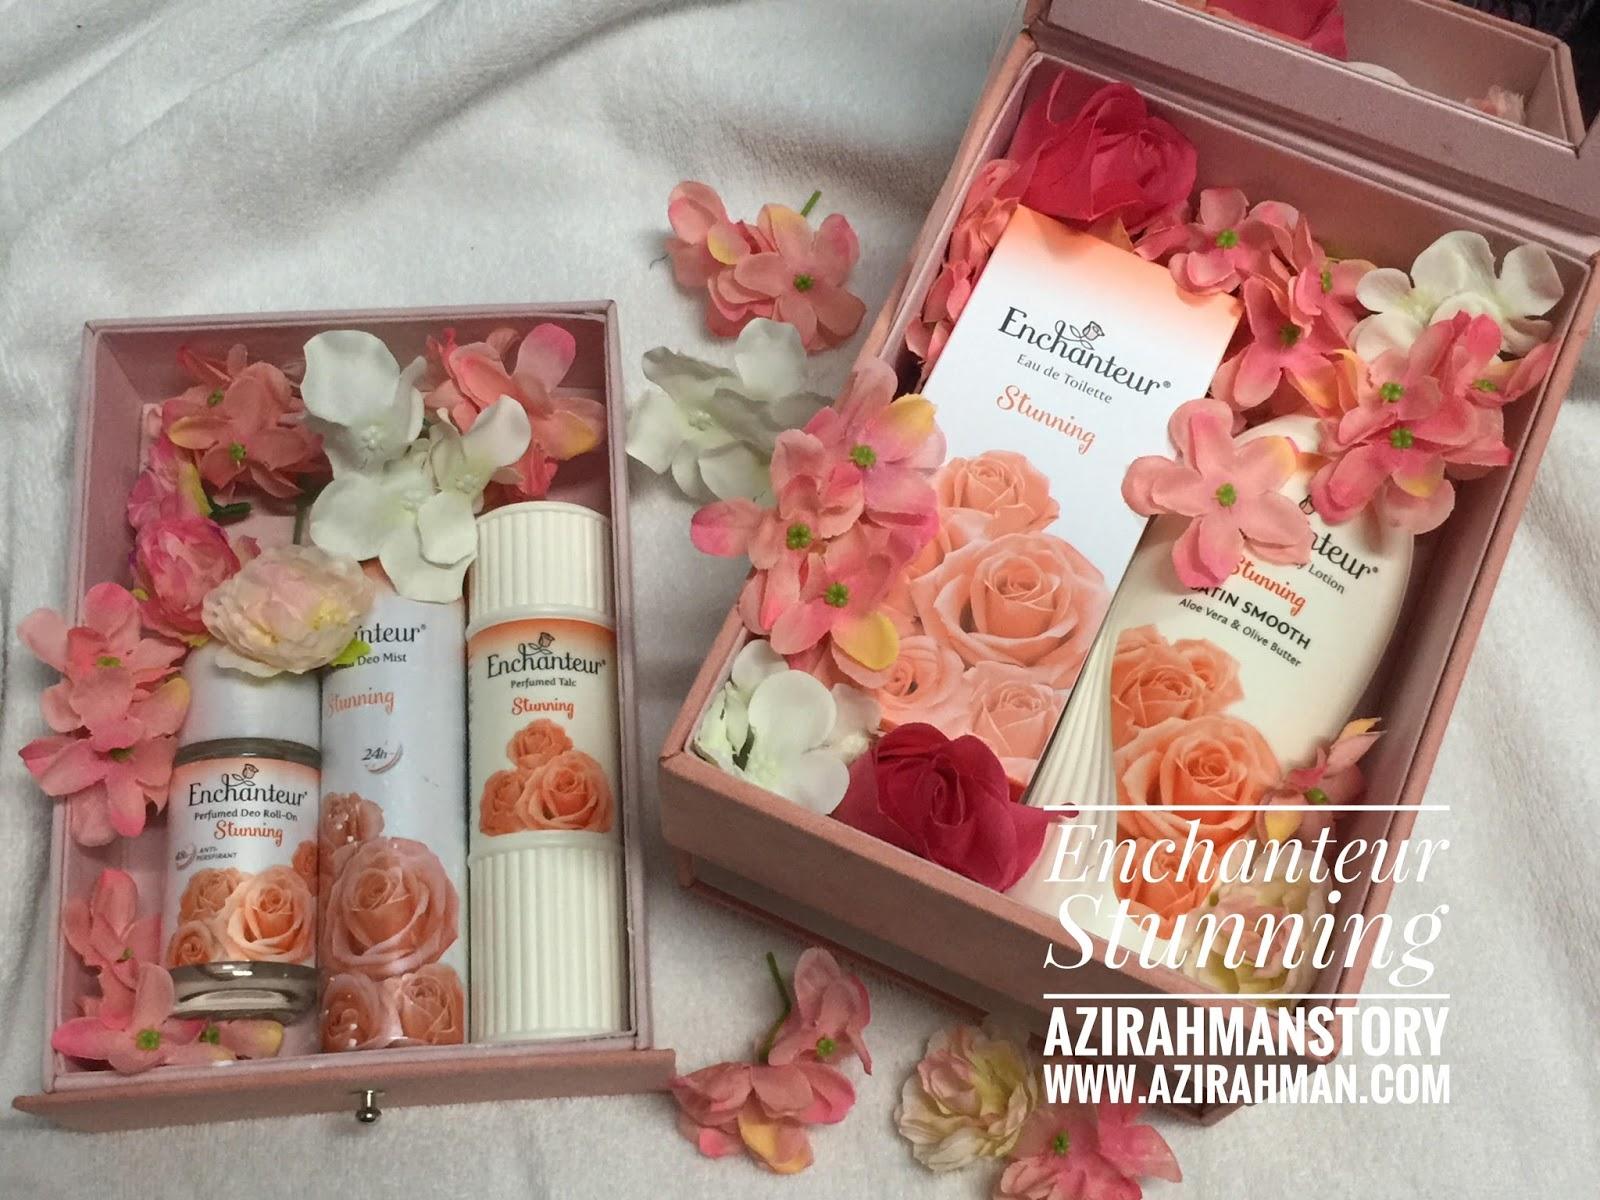 enchanteur malaysia, wangian enchanteur, harga produk, enchanteur stunning